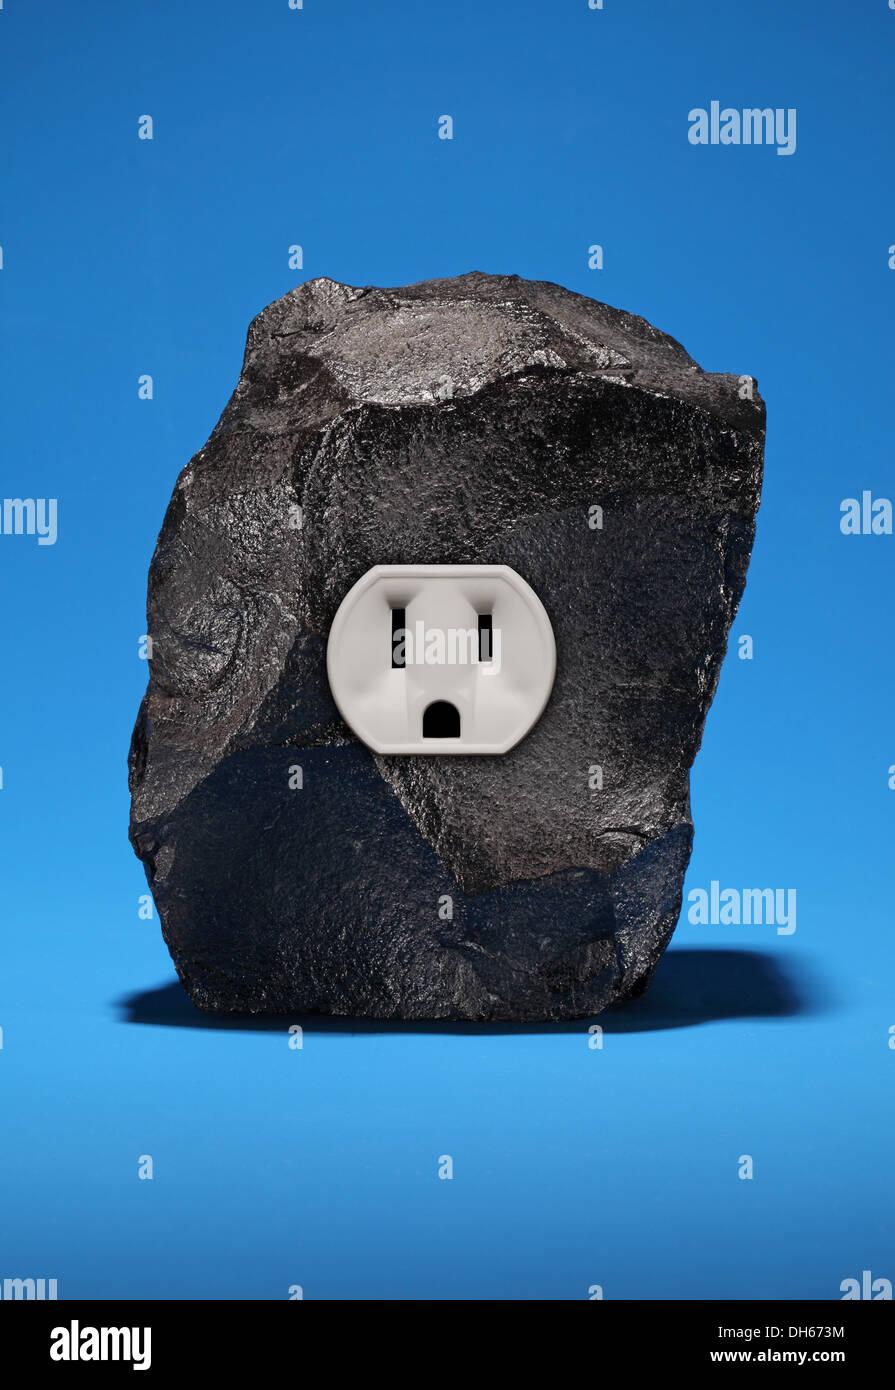 Un grande pezzo di nero di carbone con una singola presa elettrica. Luminose sfondo blu Immagini Stock